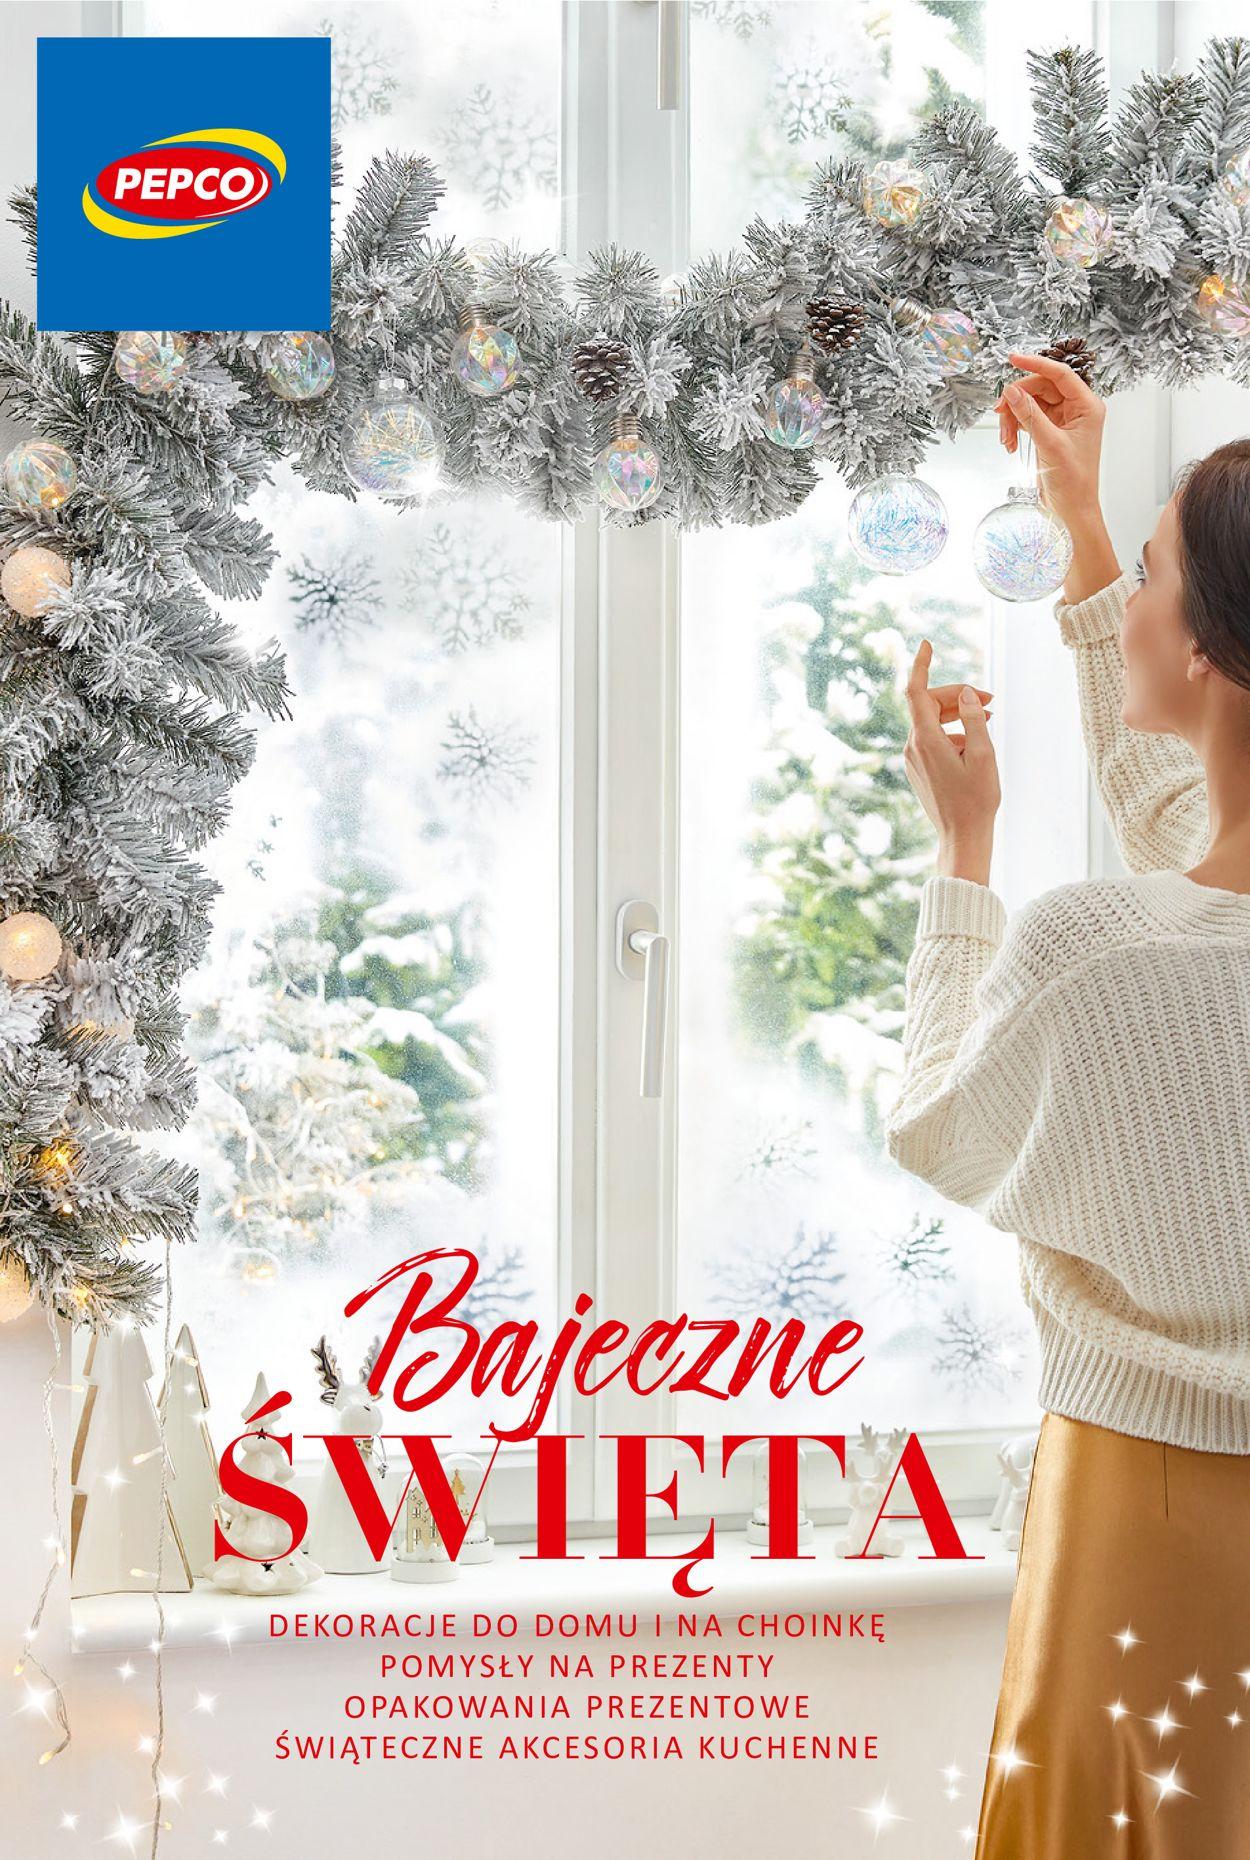 Gazetka promocyjna Pepco - Gazetka Świąteczna 2019 - 12.12-26.12.2019